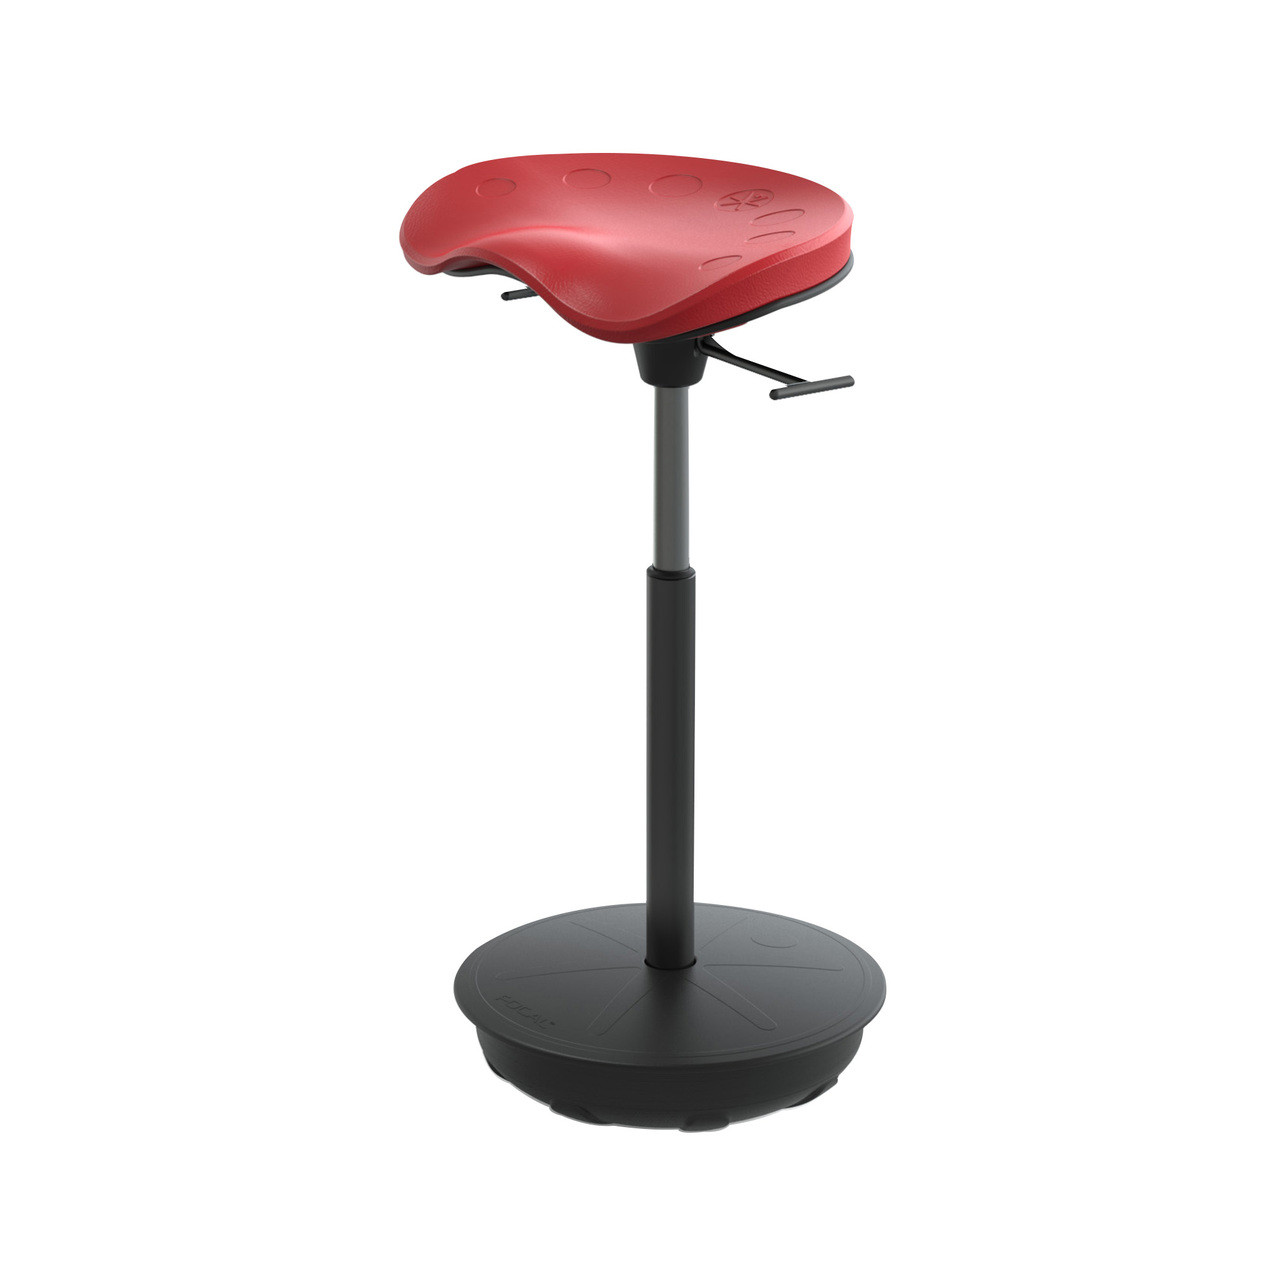 Pivot Seat by Focal Upright